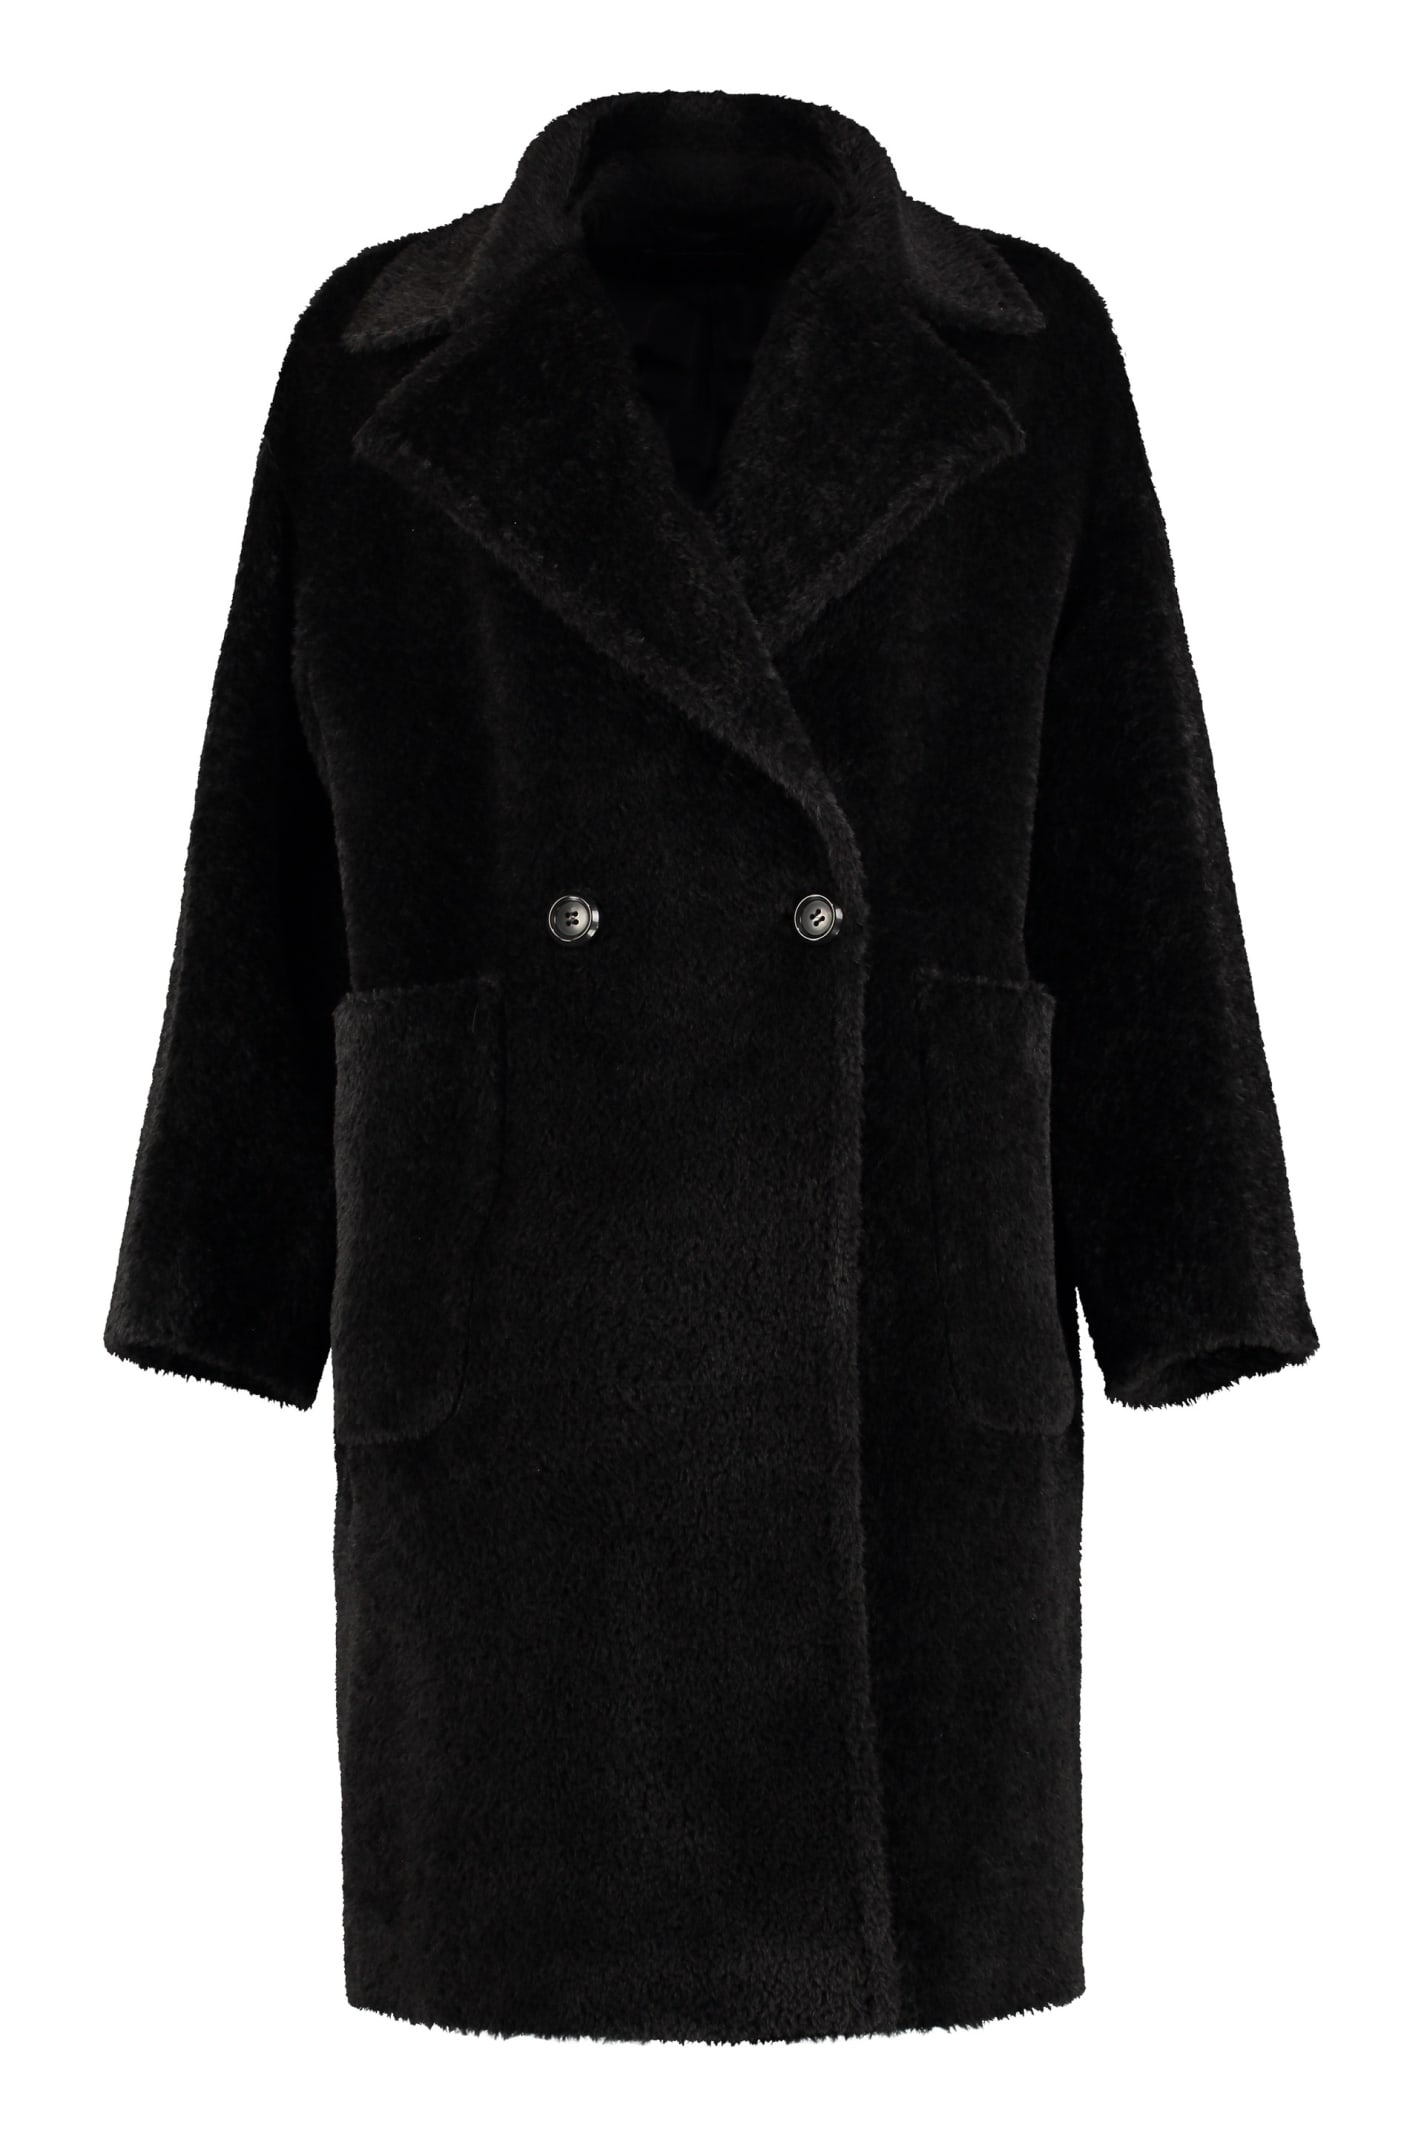 Max Mara Studio Pioggia Double-breasted Coat